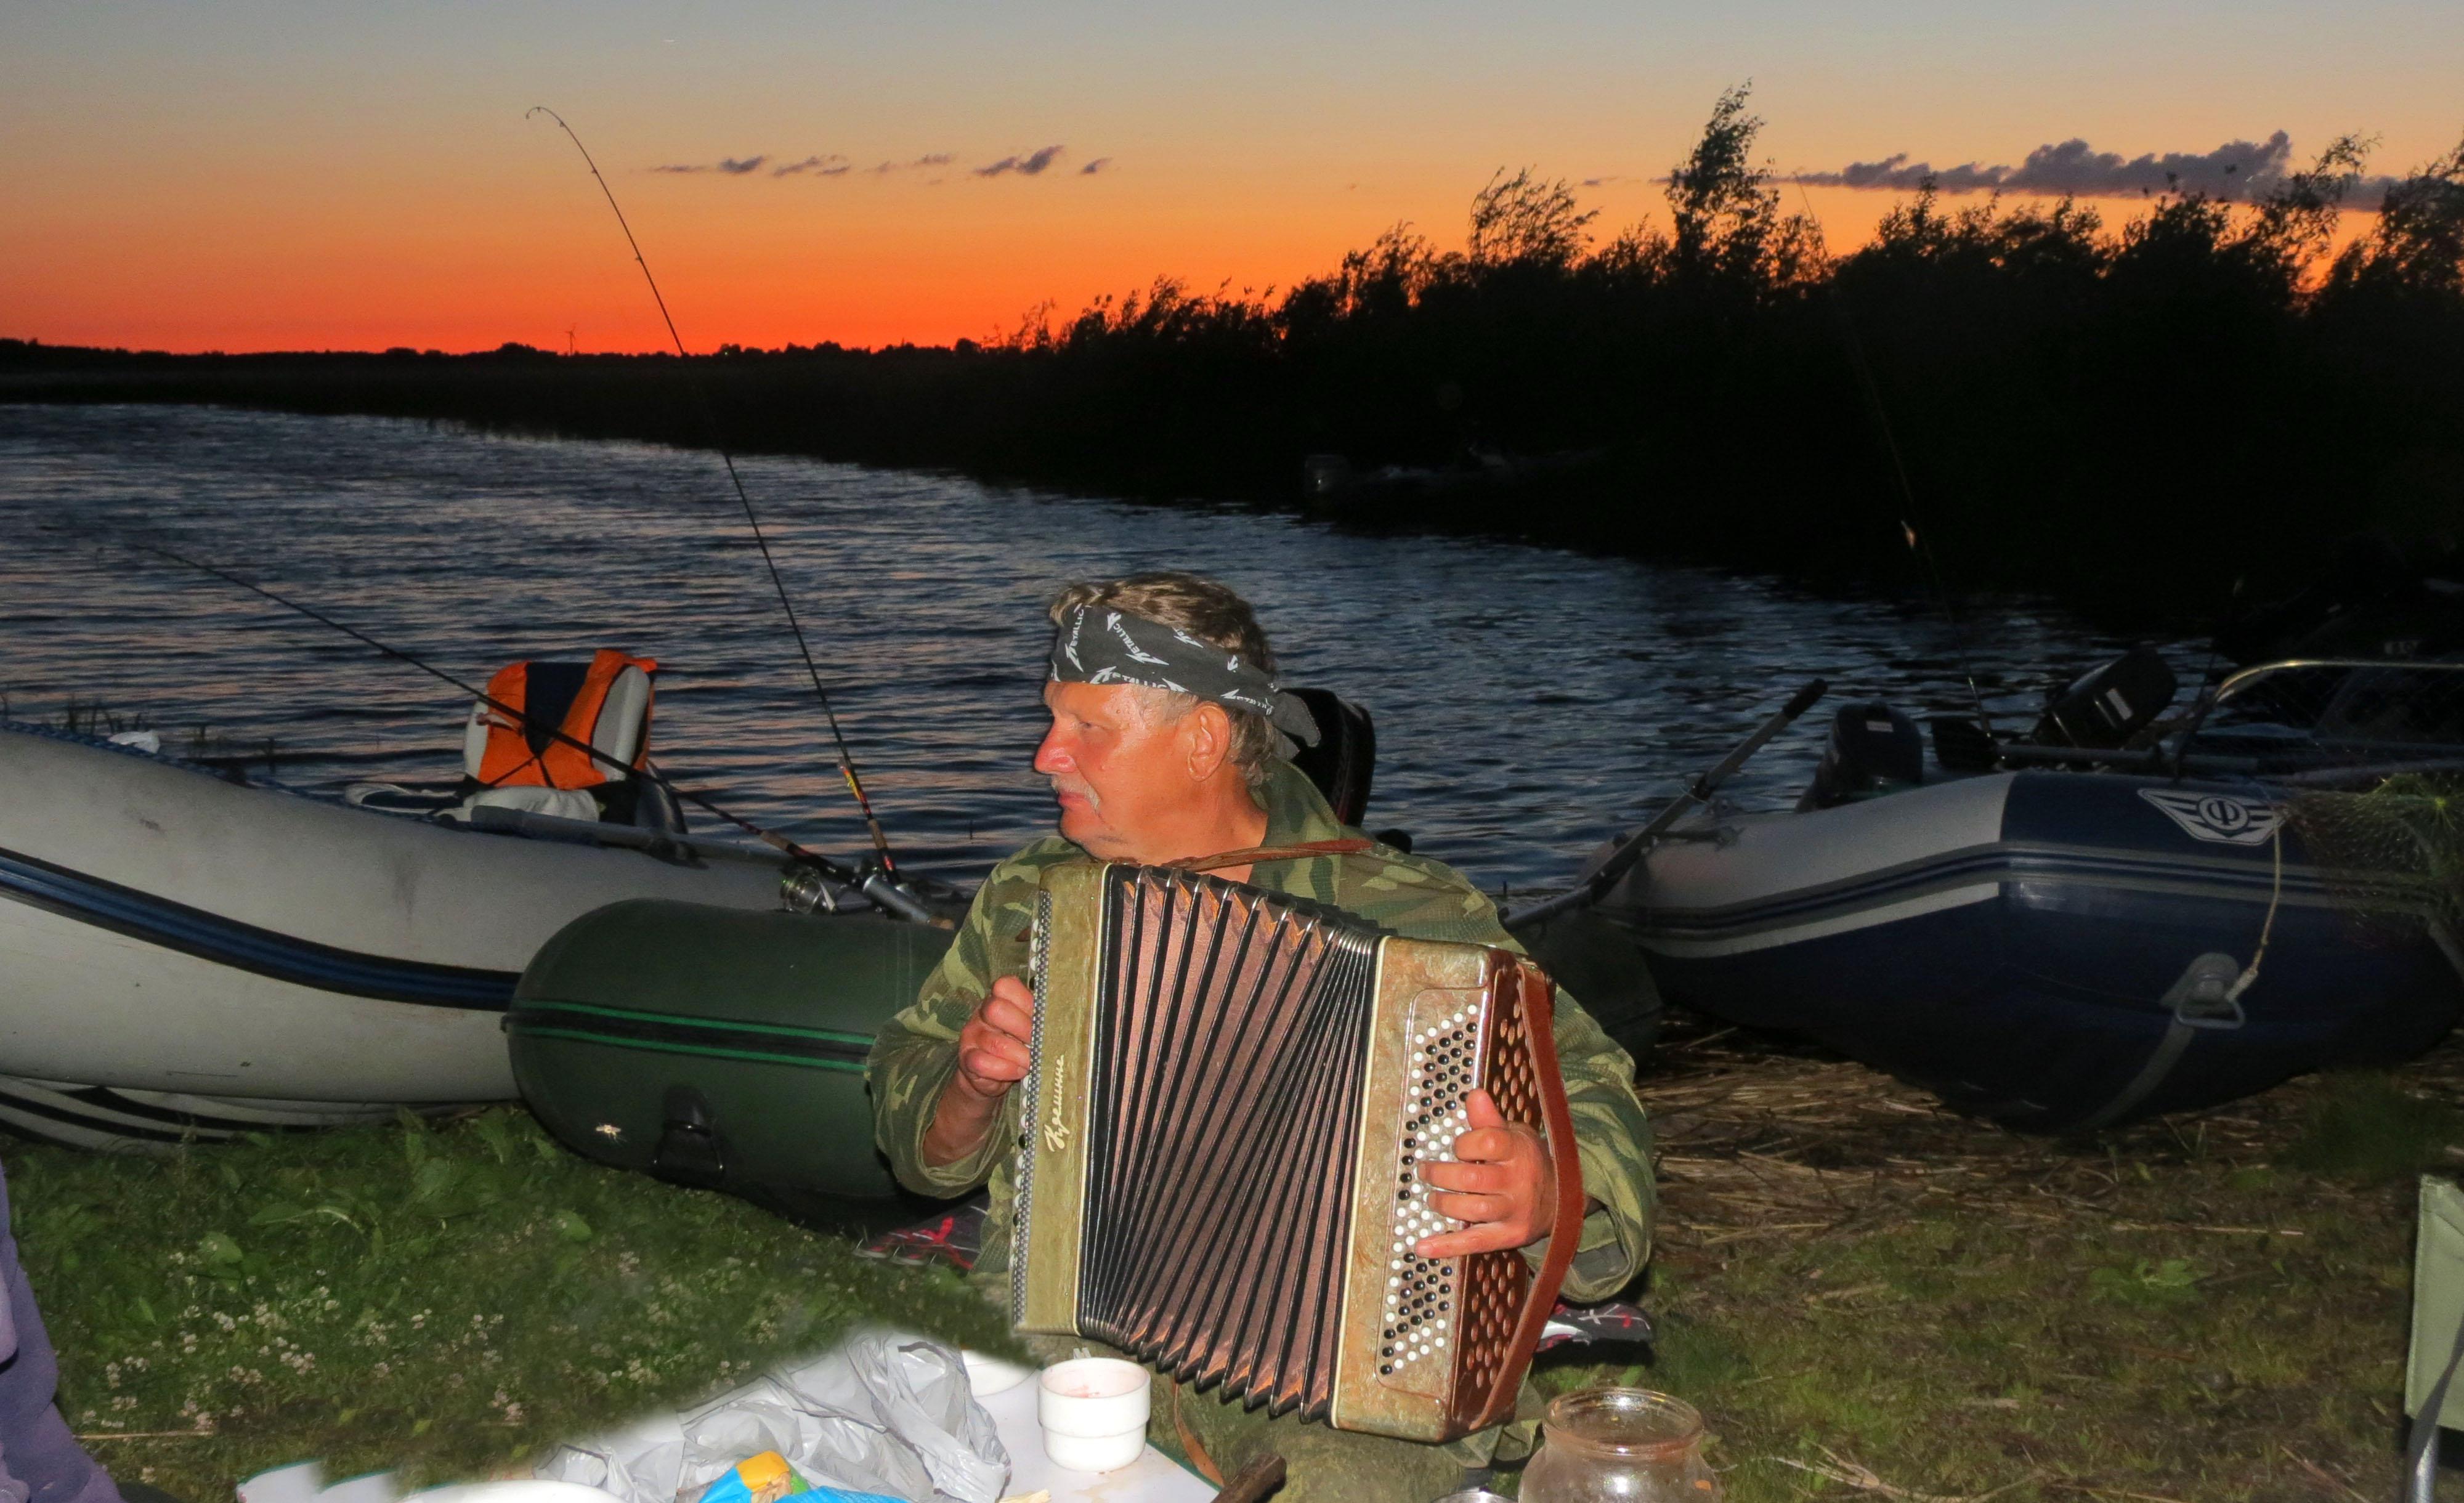 Открытие водно-моторного сезона этого года принесло разочарование  всем, кто рыбачил в Раскопельском заливе. Машин, лодок и рыбаков – очень много. А рыбы не было совсем. Утешением явился лишь баян, да рыбацкие песни у костра на берегу Чудского озера. Фото автора.